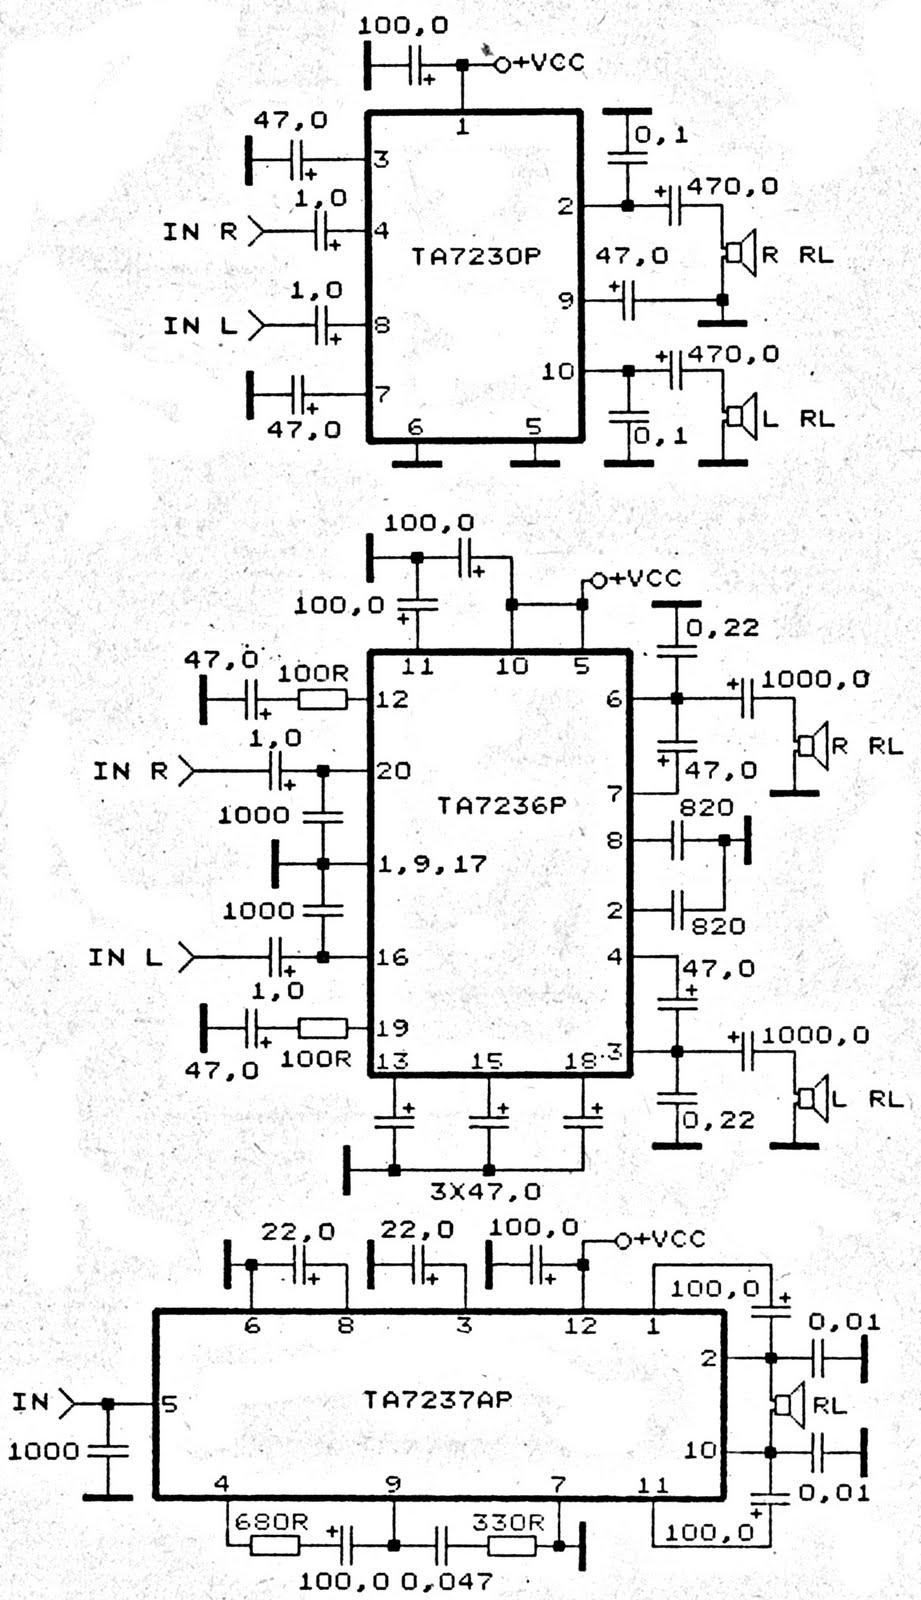 ta7230p  ta7236p  ta7237ap amplifier schematic